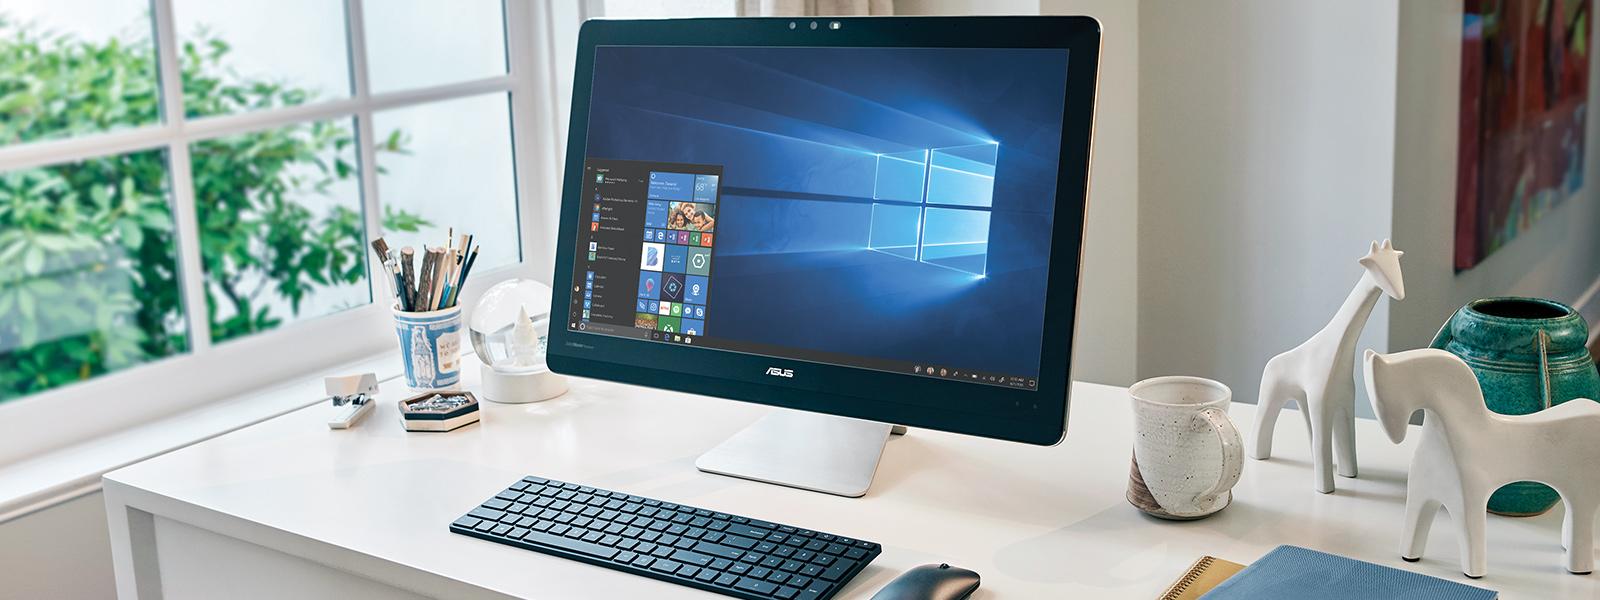 Un ordinateur de bureau ASUS sur un bureau avec une souris sans fil et un clavier